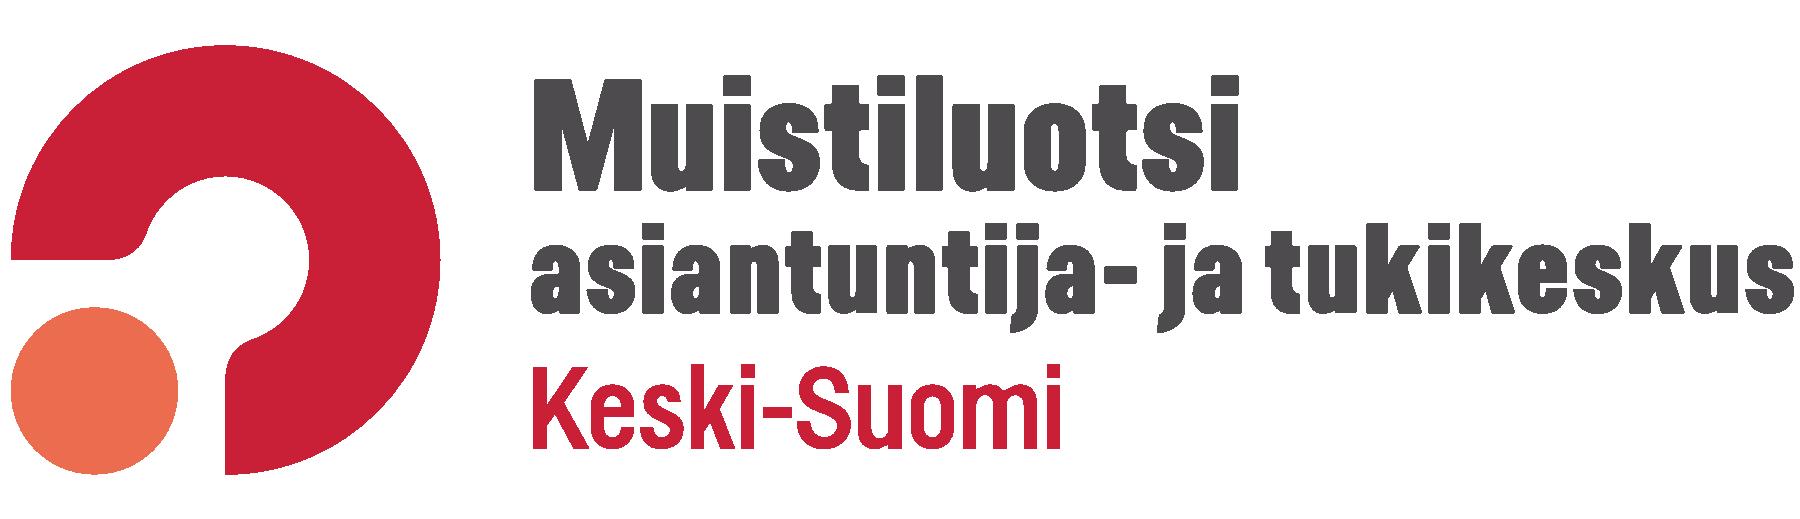 MUISTILUOTSI-Keski-Suomi-logo-2013-cmyk-vaaka_002-2